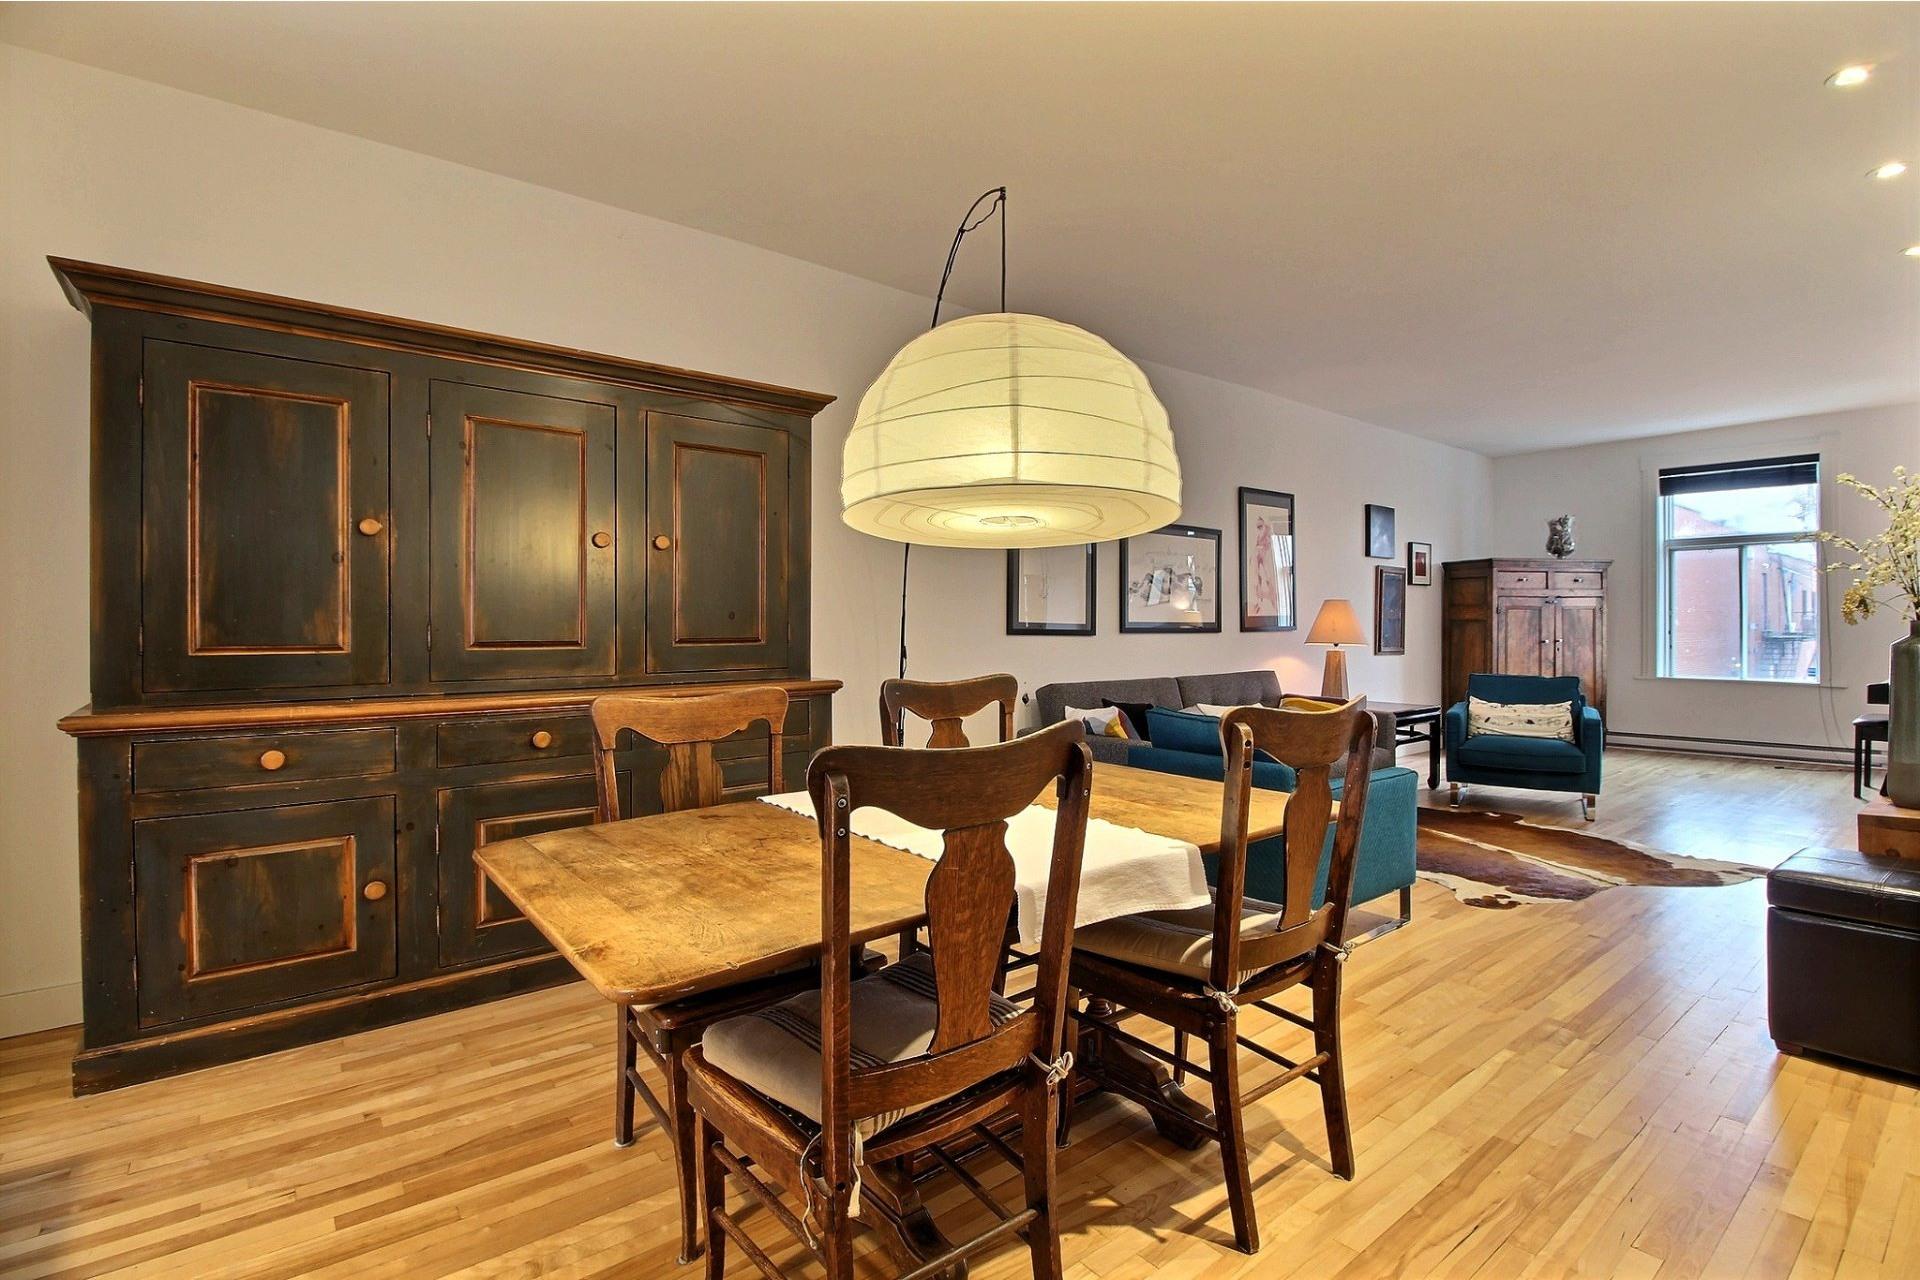 image 6 - Appartement À louer Montréal Ahuntsic-Cartierville  - 2 pièces